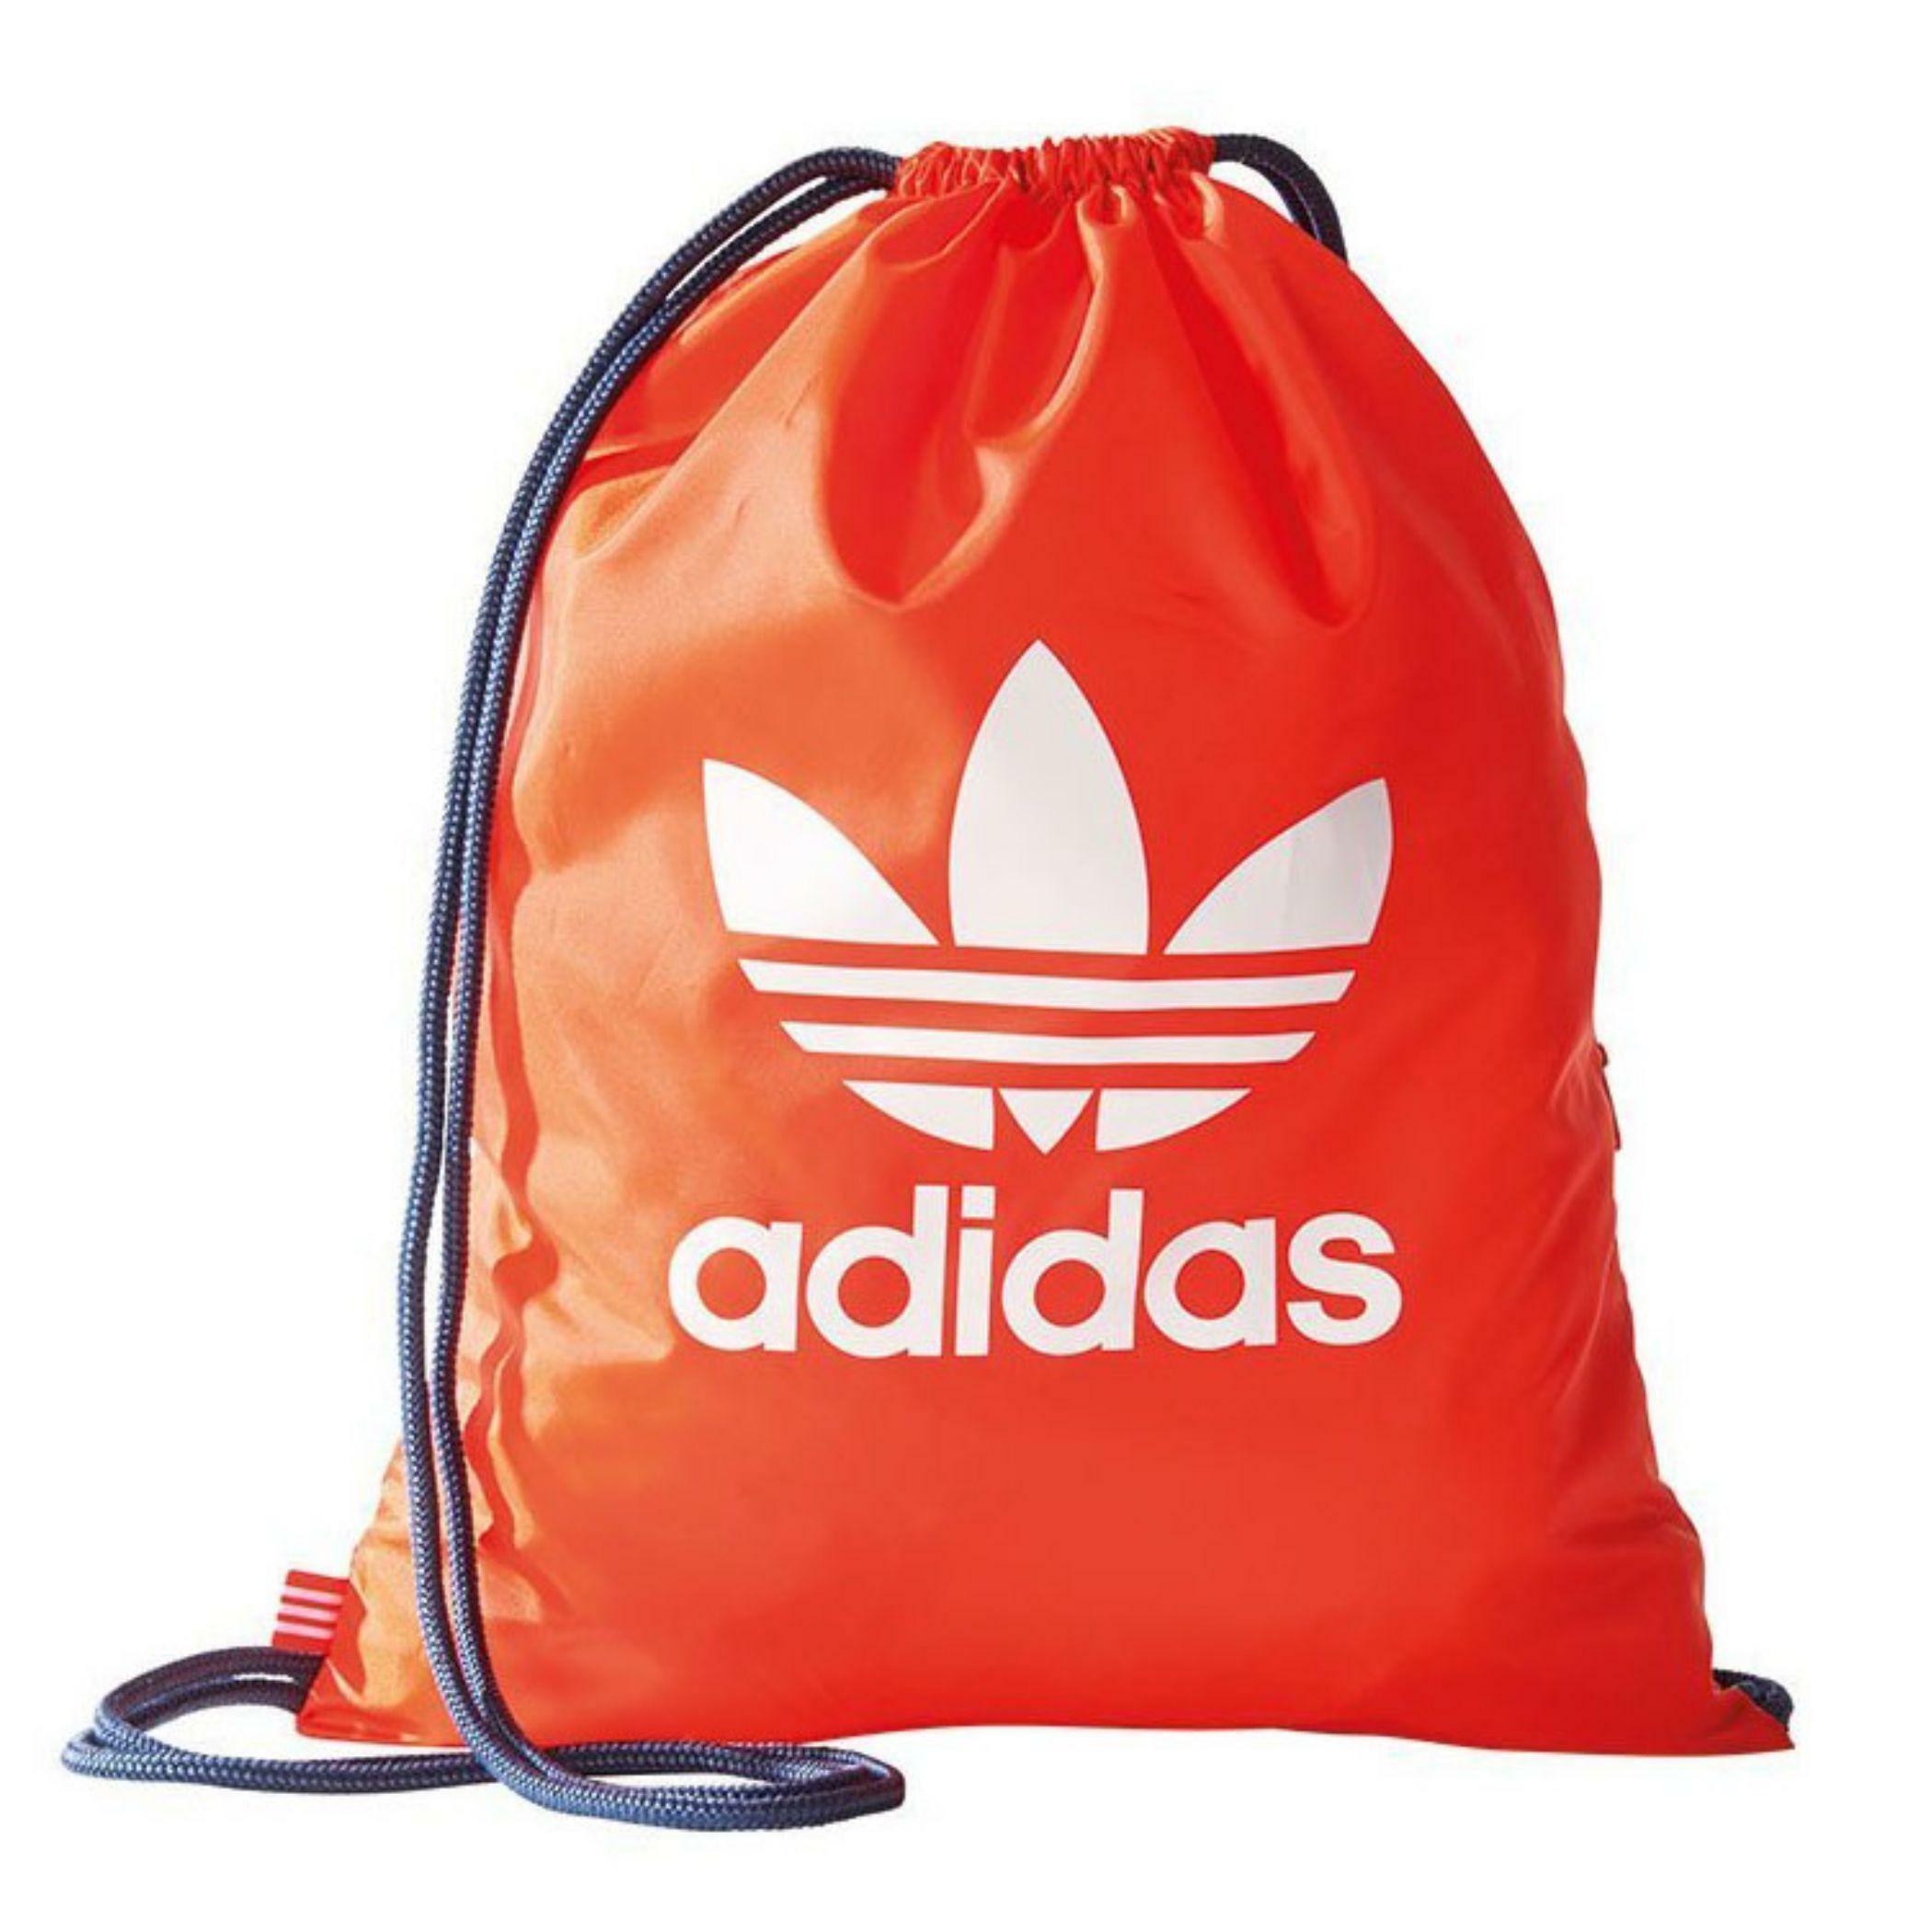 adidas adidas originals bq1496 gymsack tricot sacca rossa